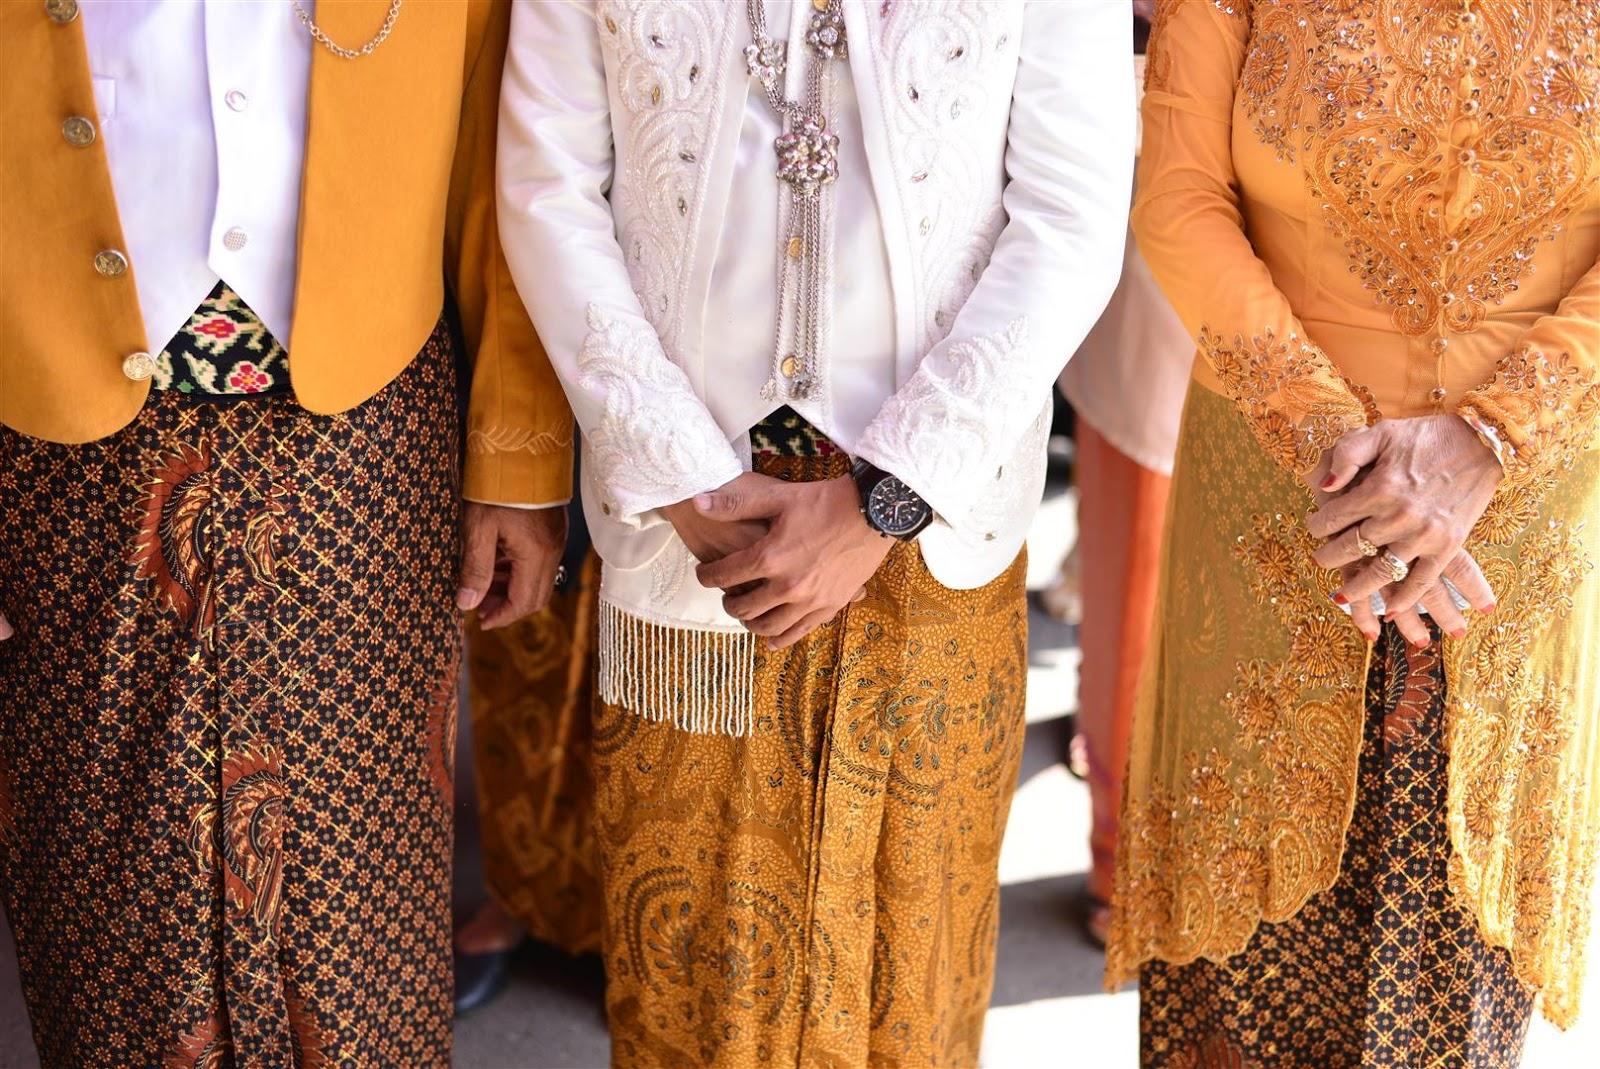 Batik Tradisional Pernikahan Yoyakarta - Artikel Tentang Batik 0a8c5630d4